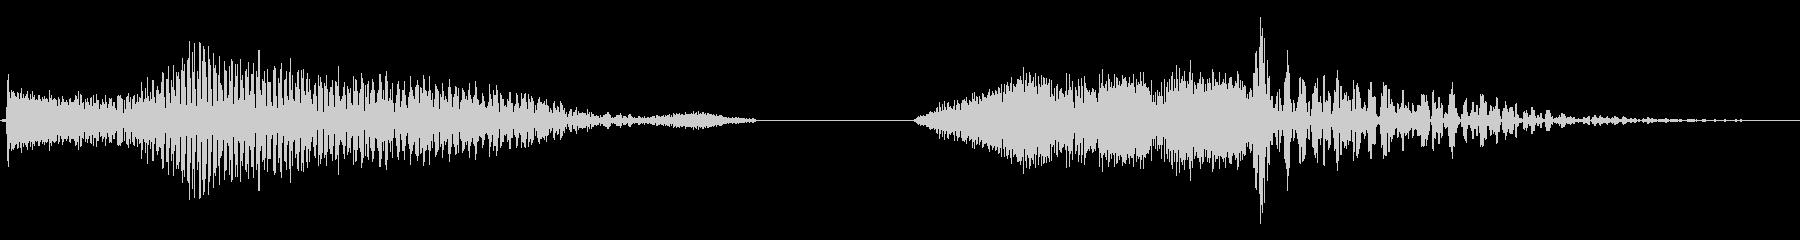 モーターキャニオン、メタルスラップ...の未再生の波形